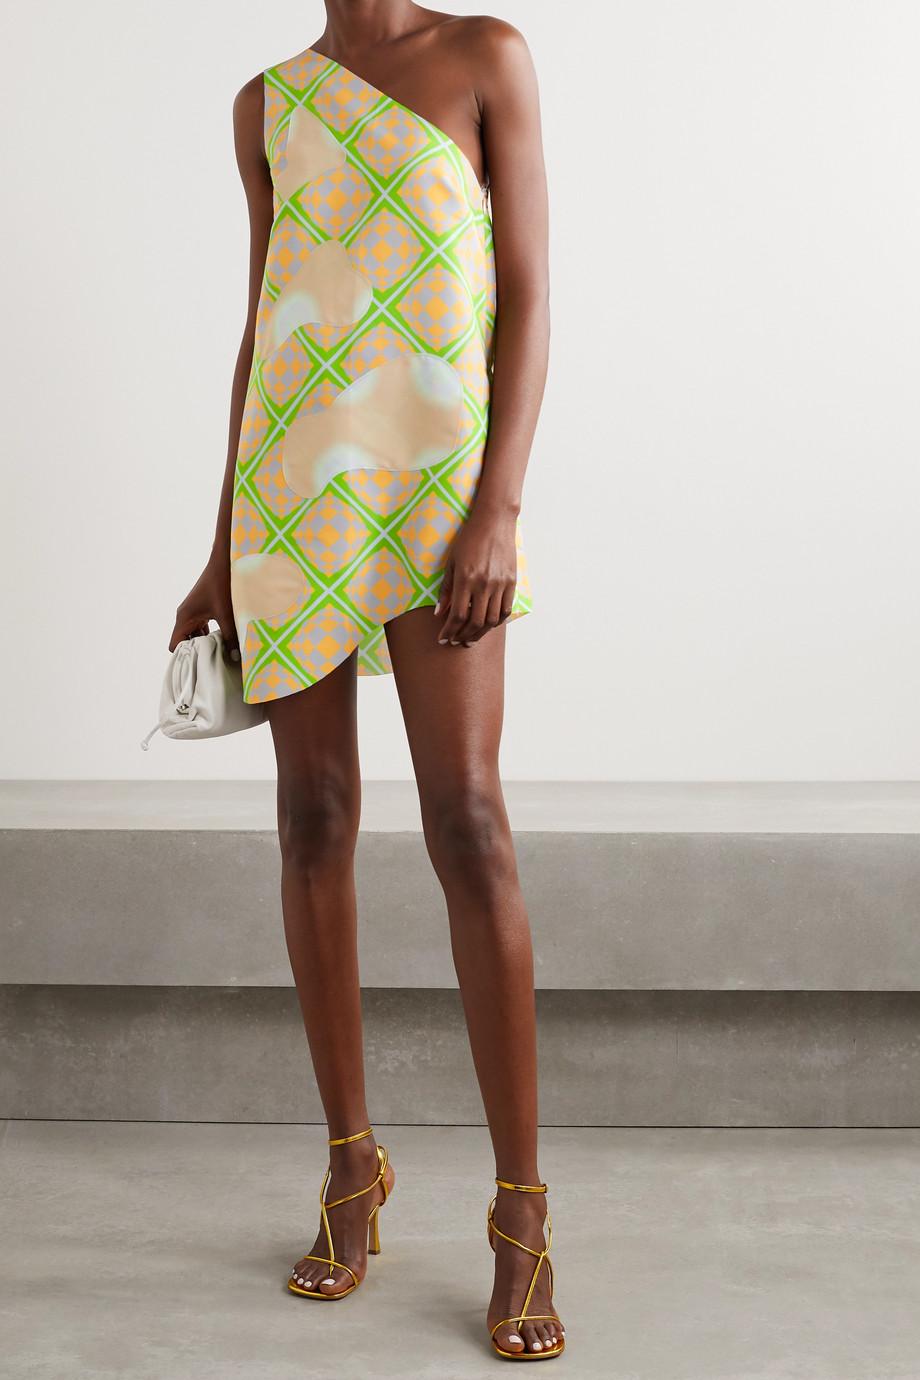 Maisie Wilen Bam Bam Minikleid aus bedrucktem Shell mit Applikationen und asymmetrischer Schulterpartie